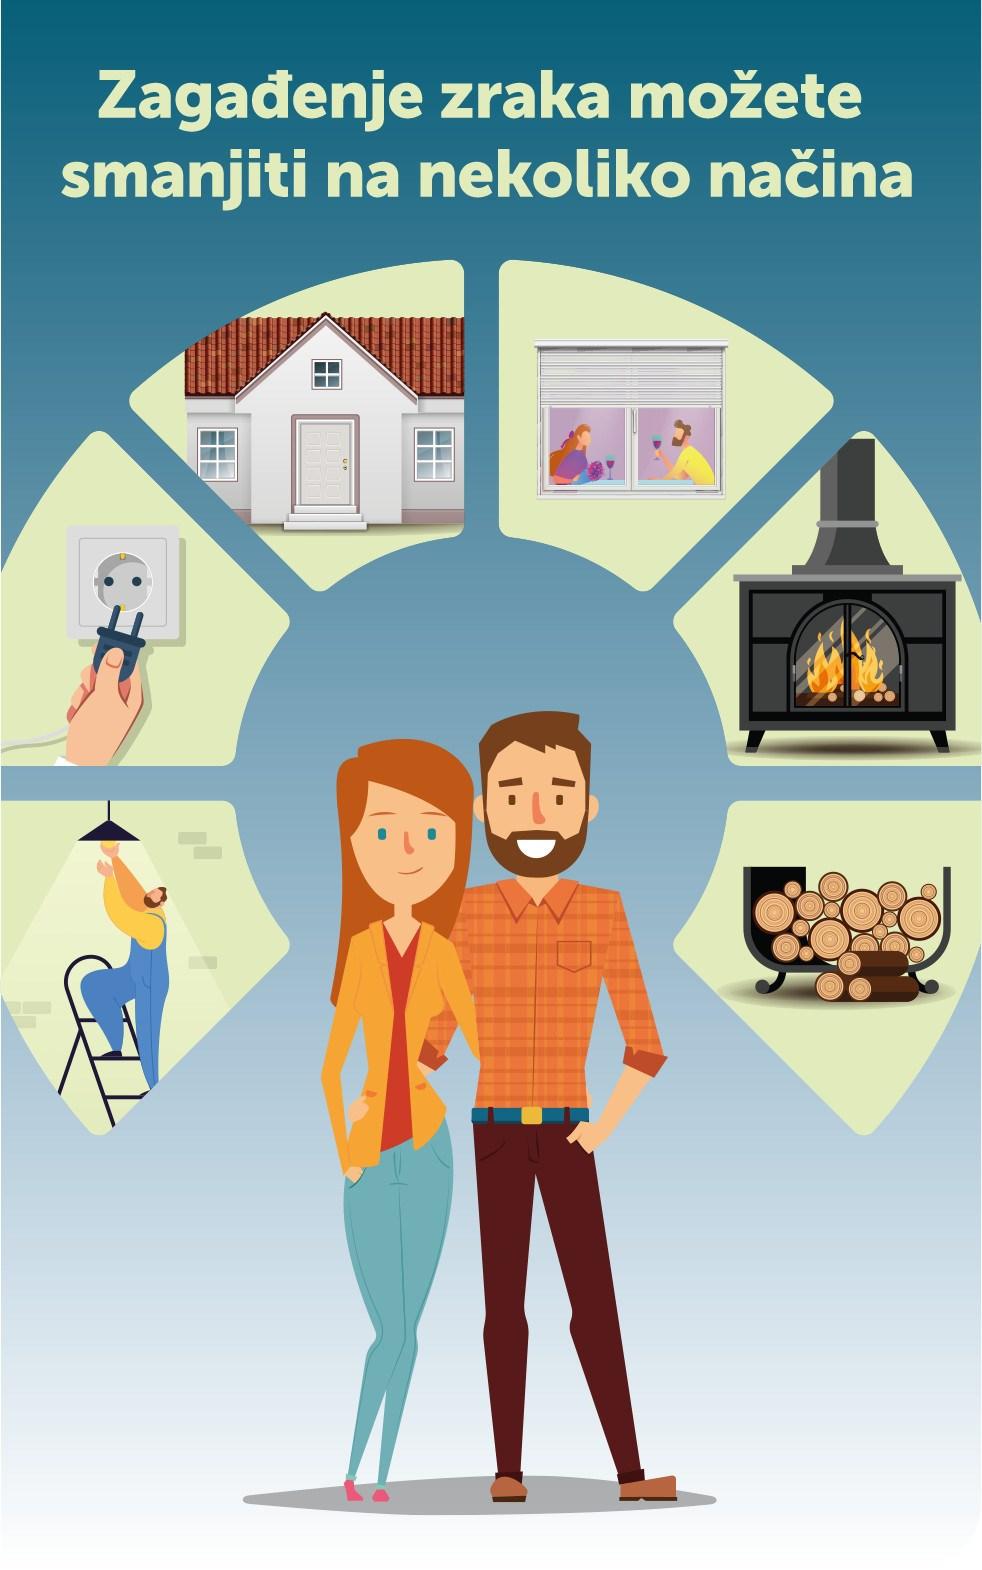 Savjeti za domaćinstvo